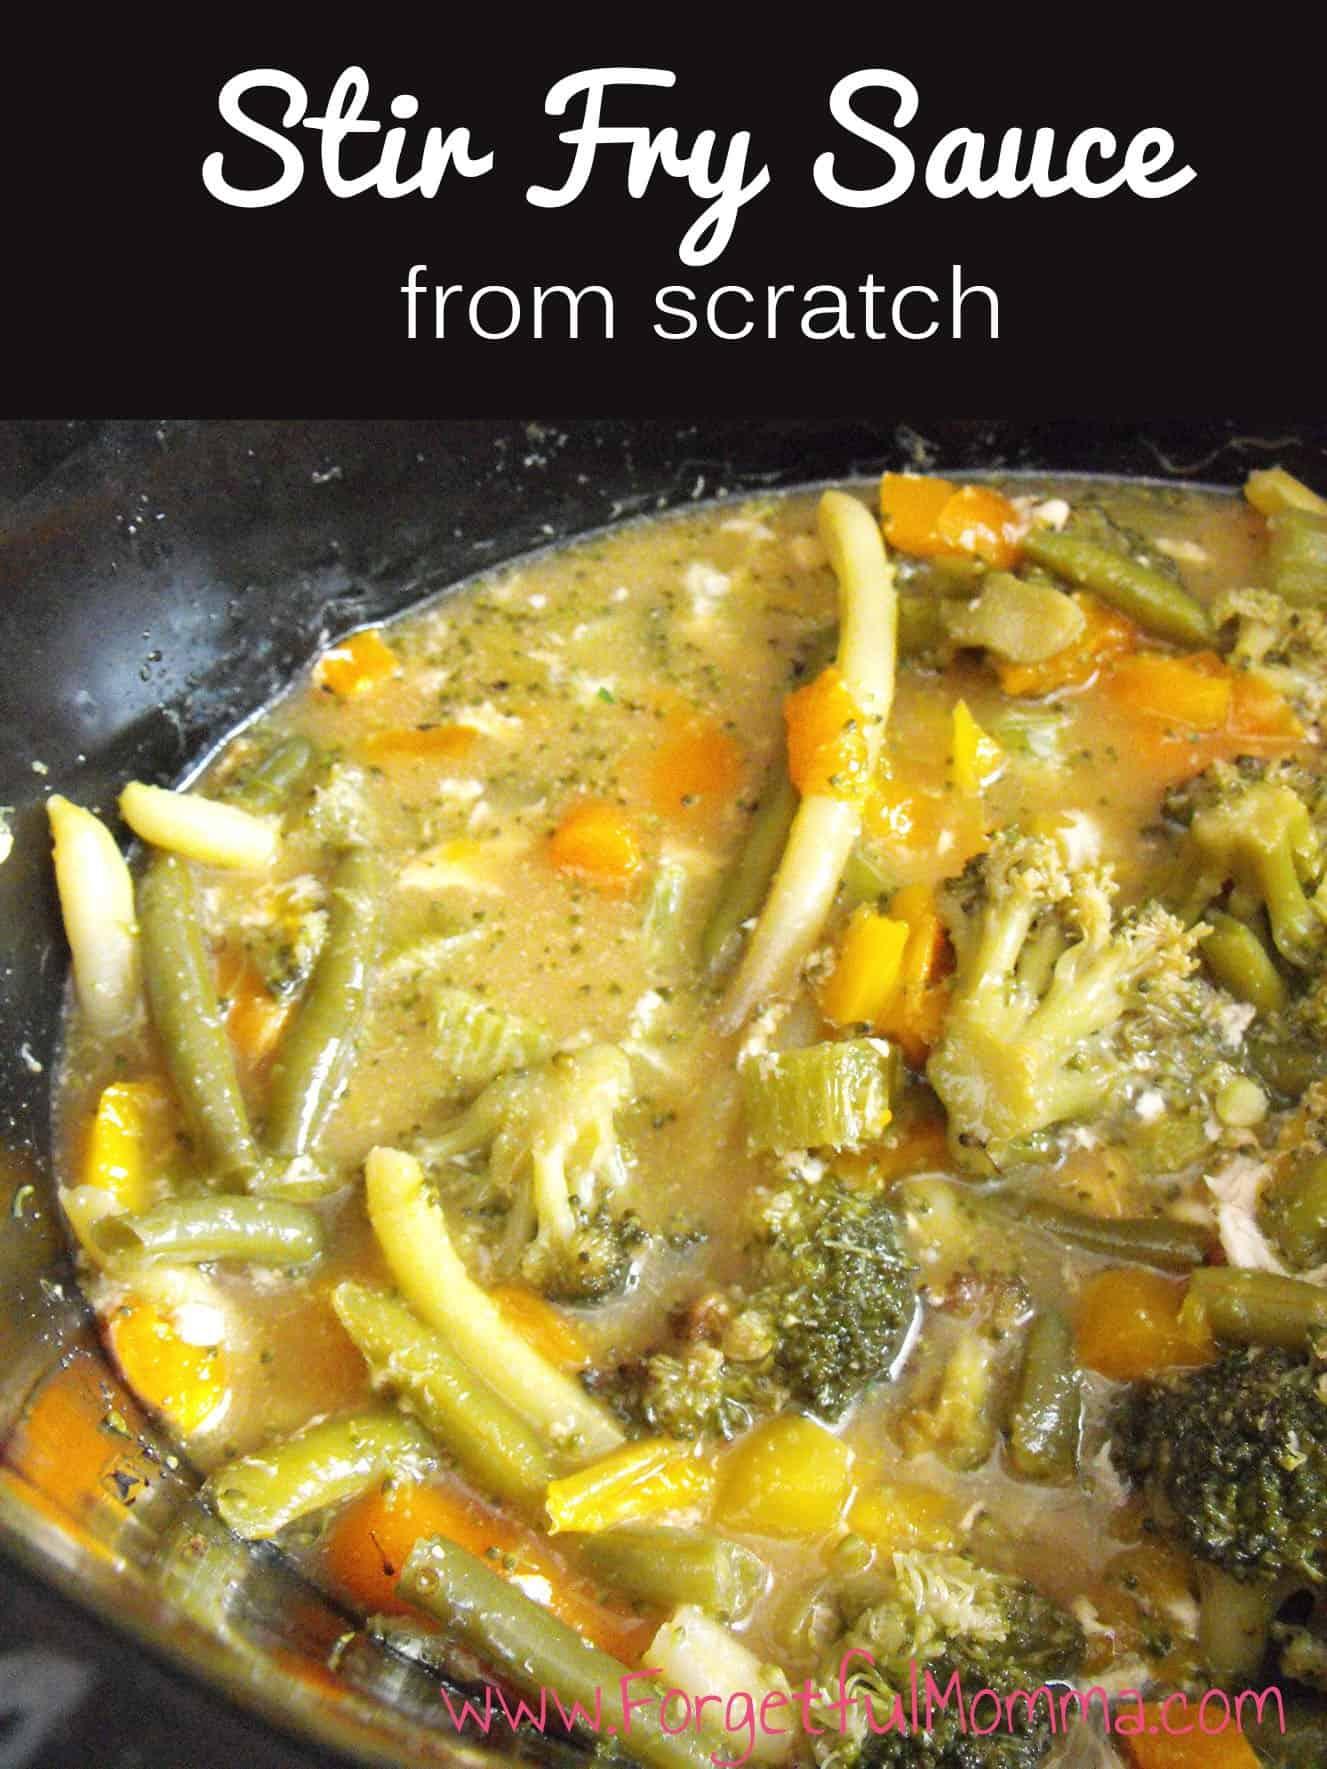 Stir Fry Sauce from Scratch